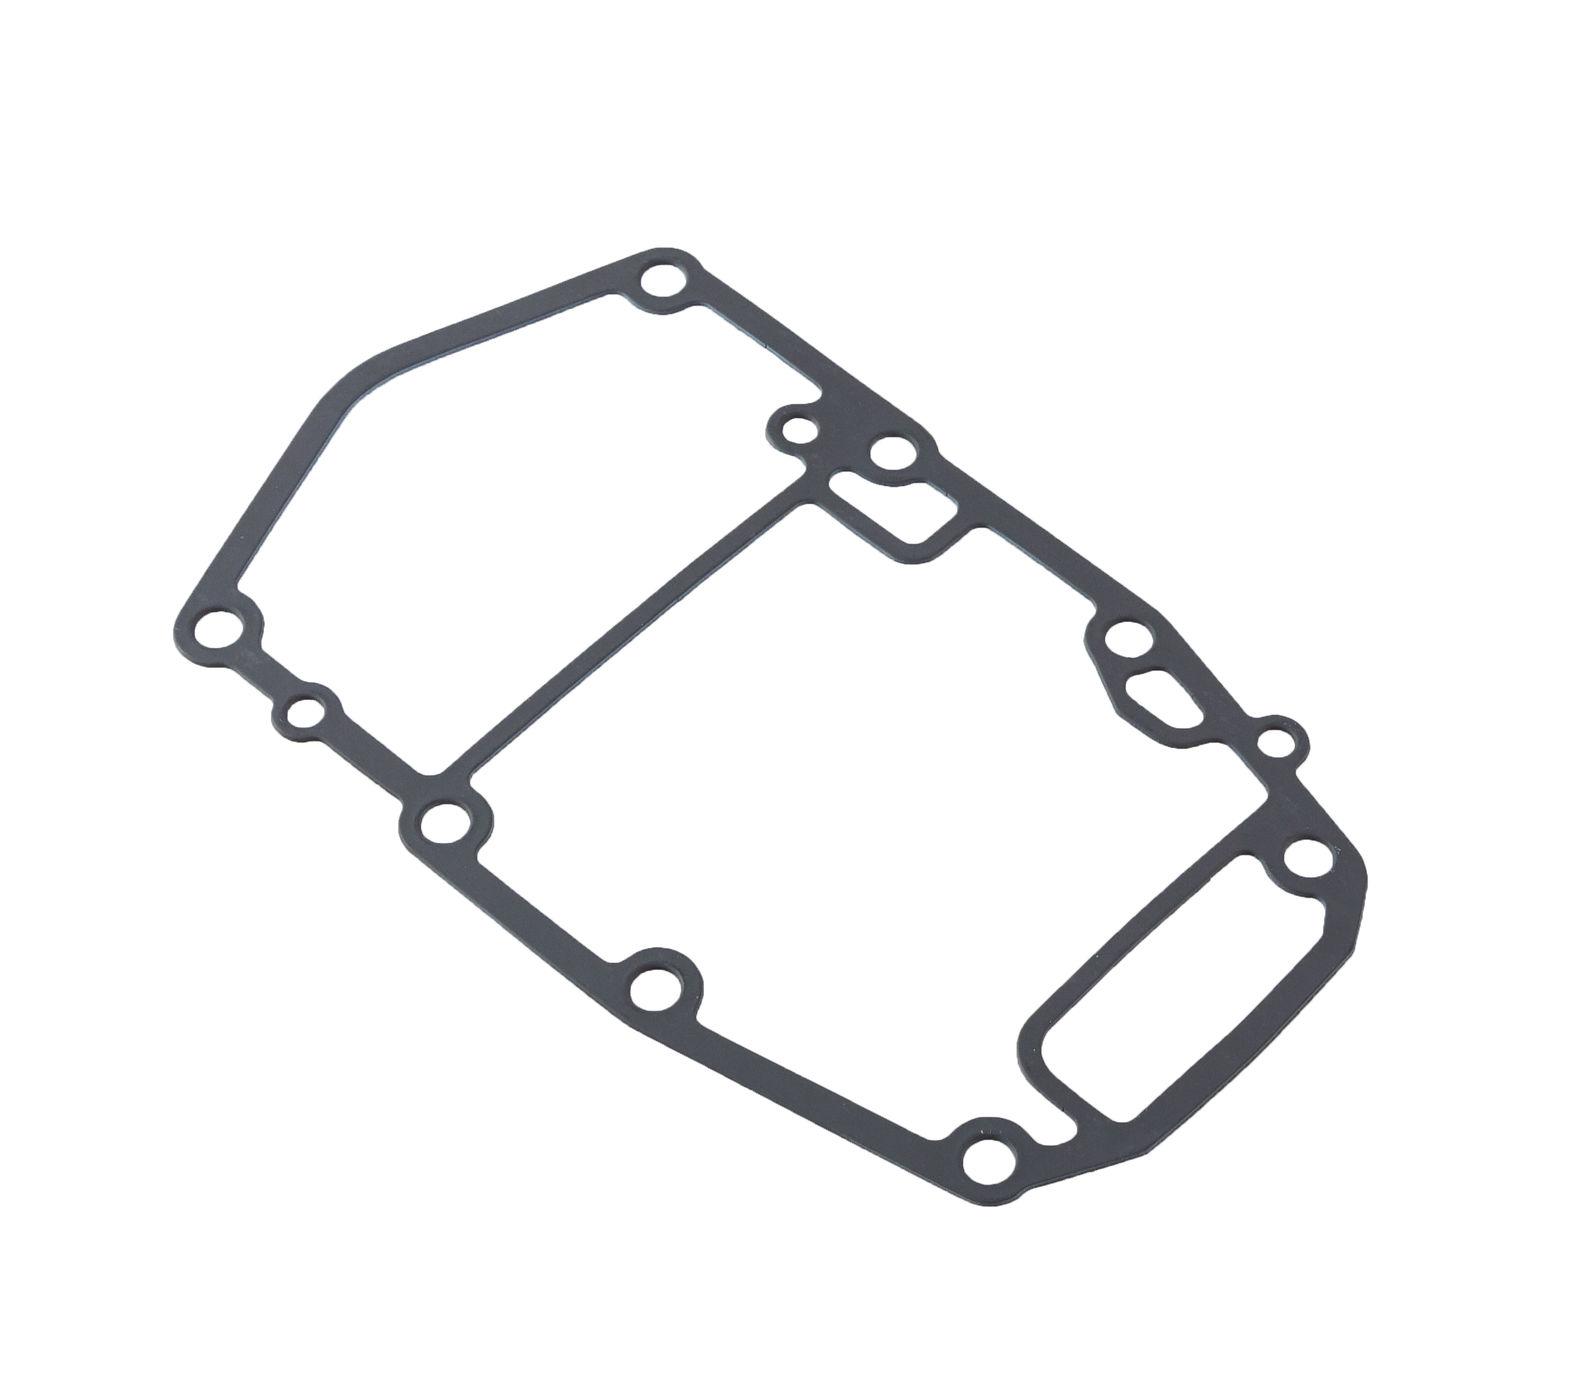 Gasket Spacer Block Suzuki DT20-30 5211396330000